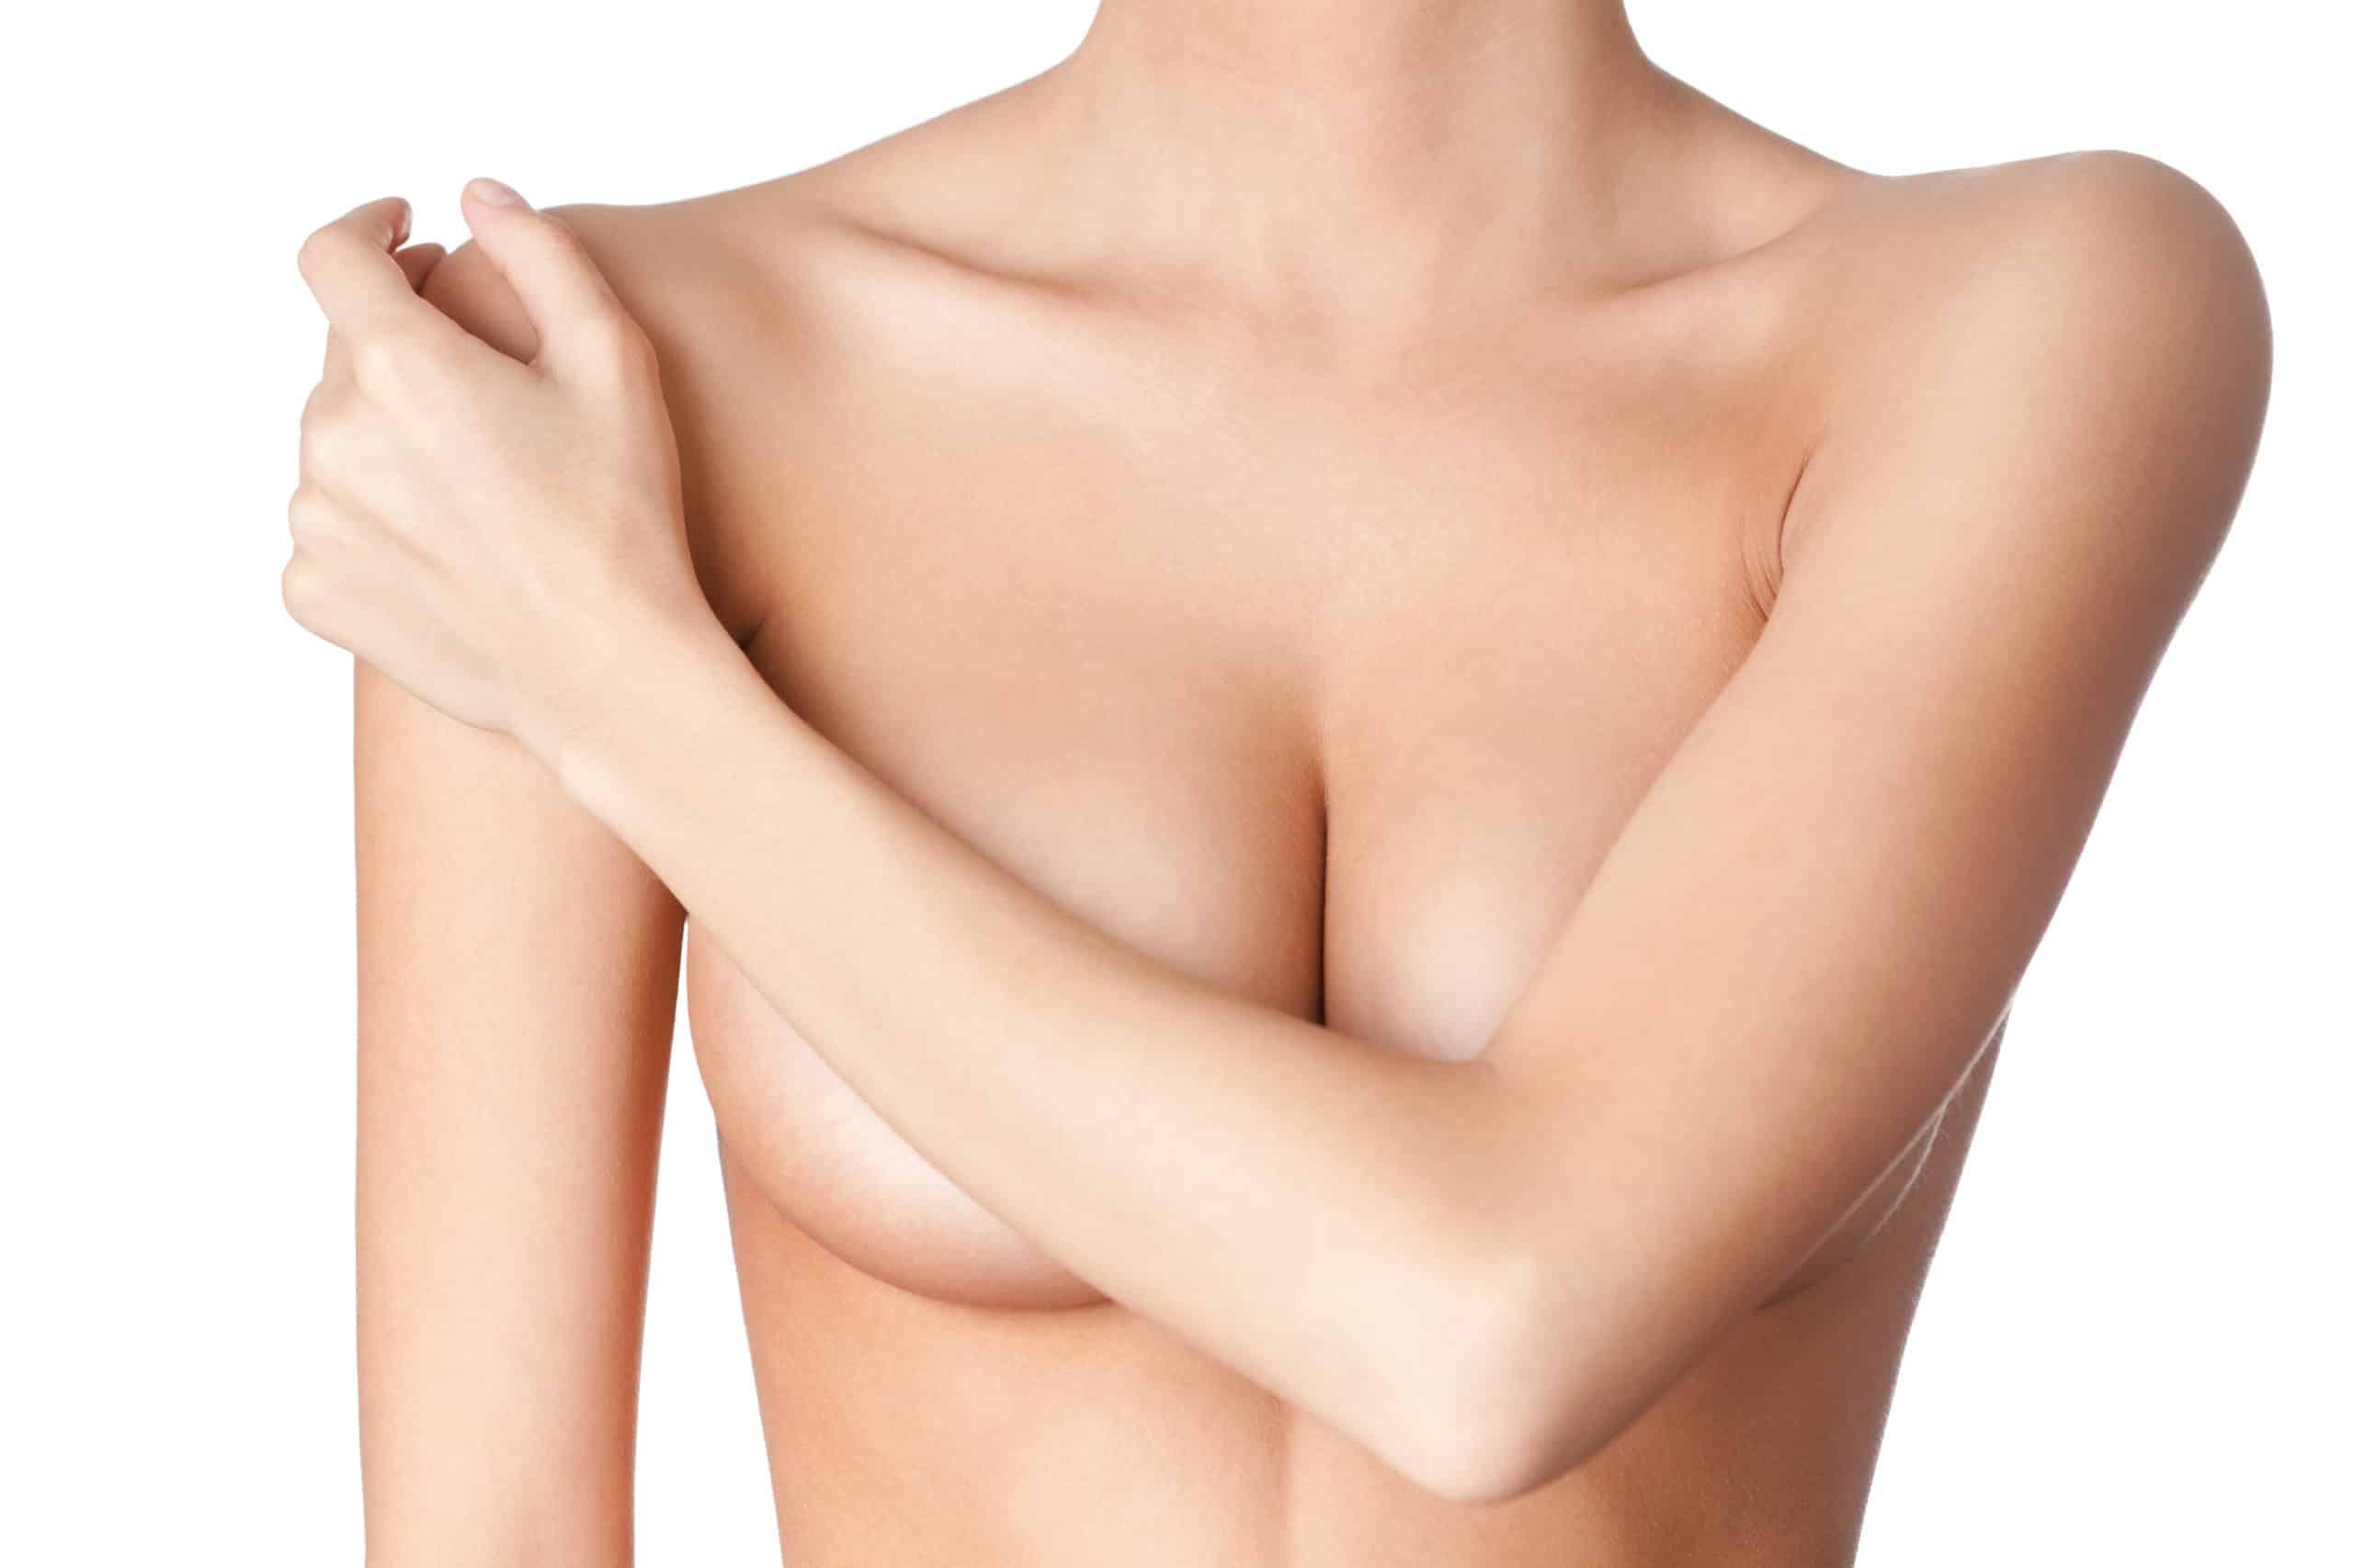 Hängebrüste – 8 Gründe, die zum Erschlaffen Ihrer Brüste führen